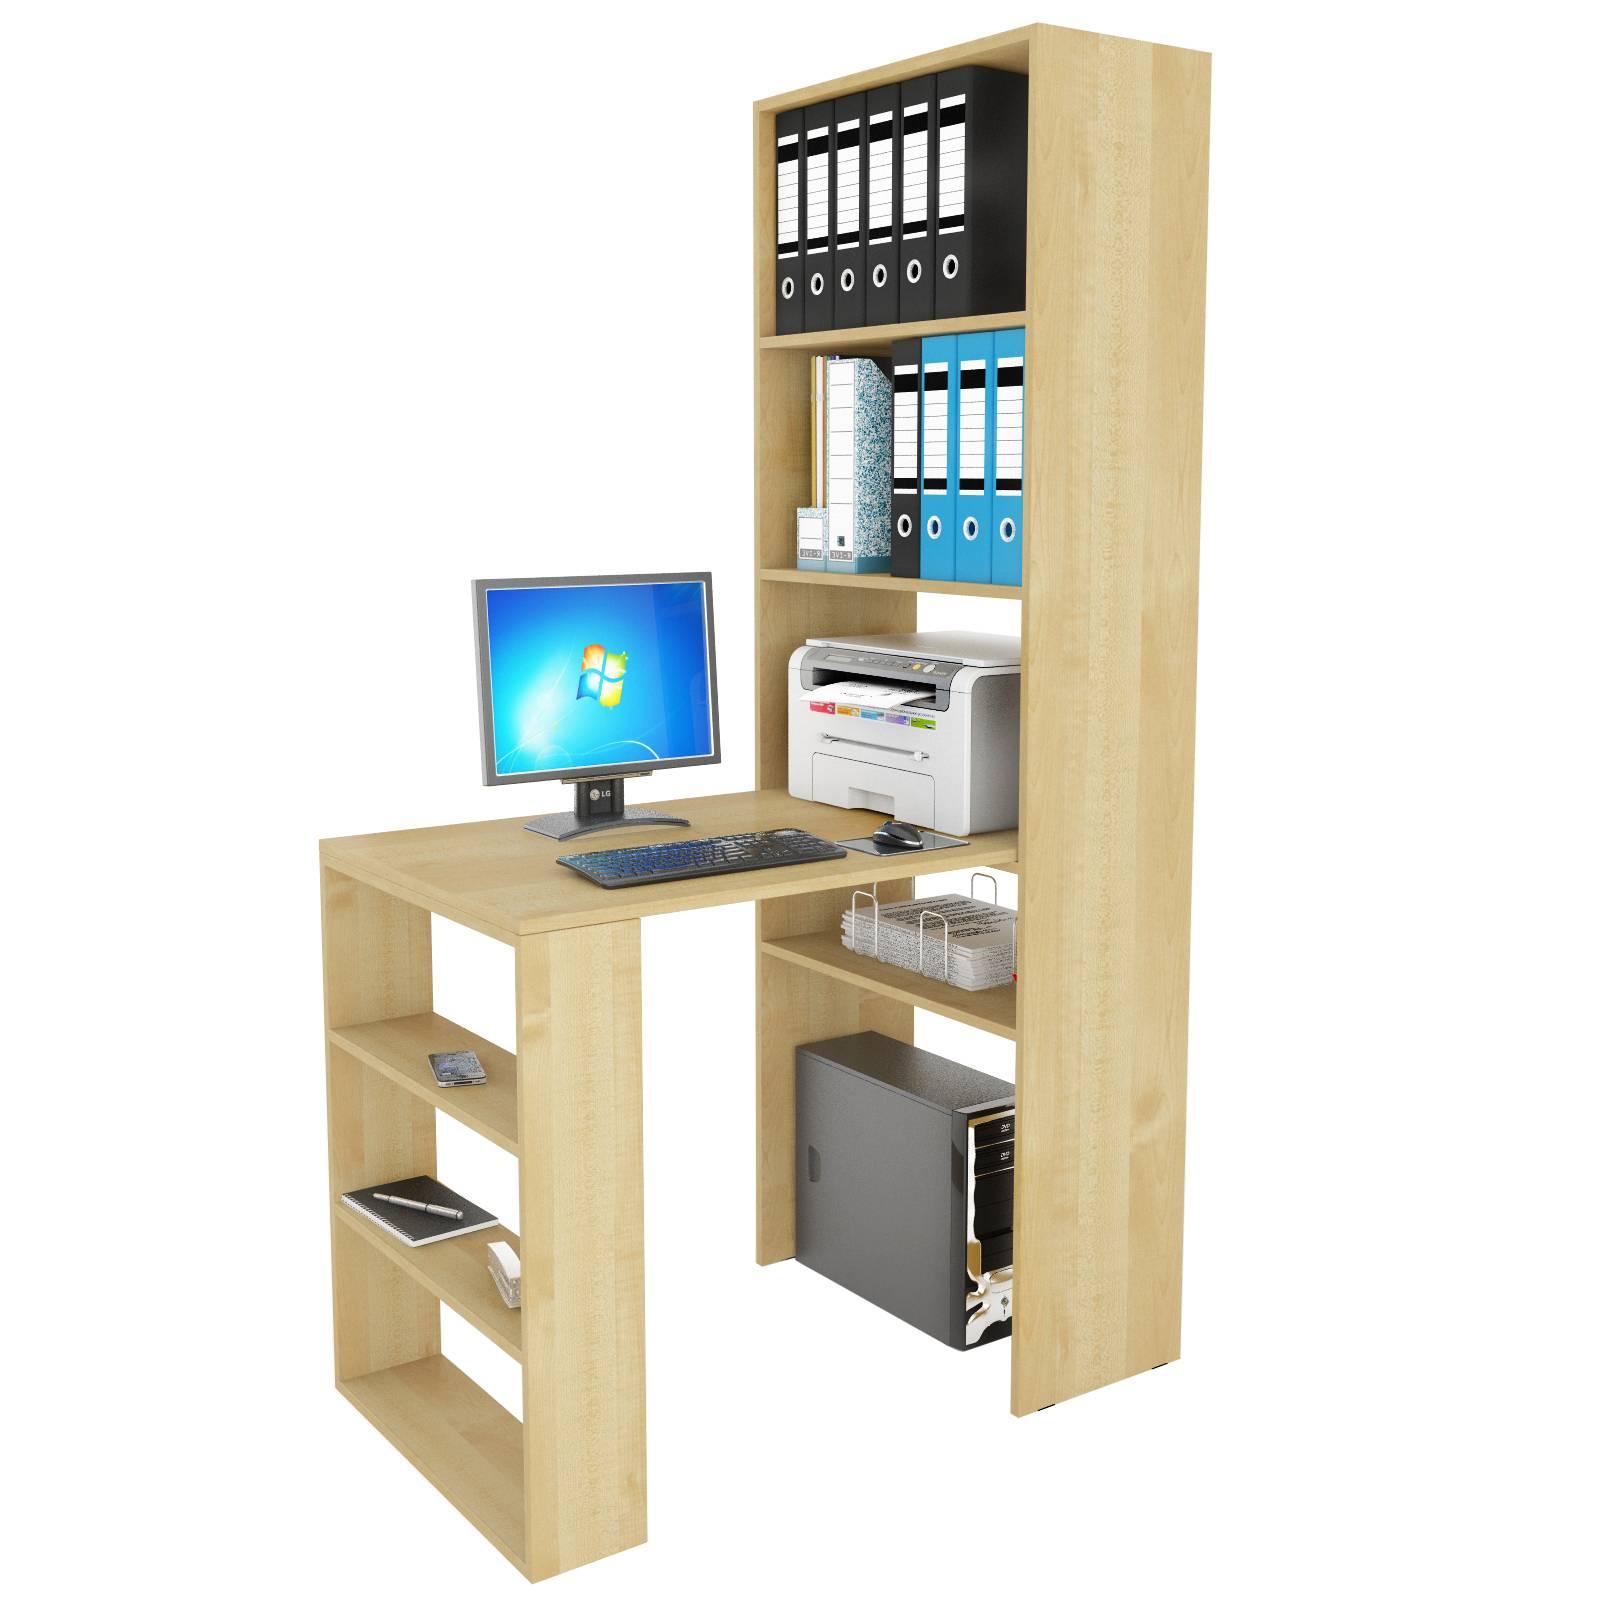 Угловой компьютерный стол с надстройкой и полками рикс-45 - .